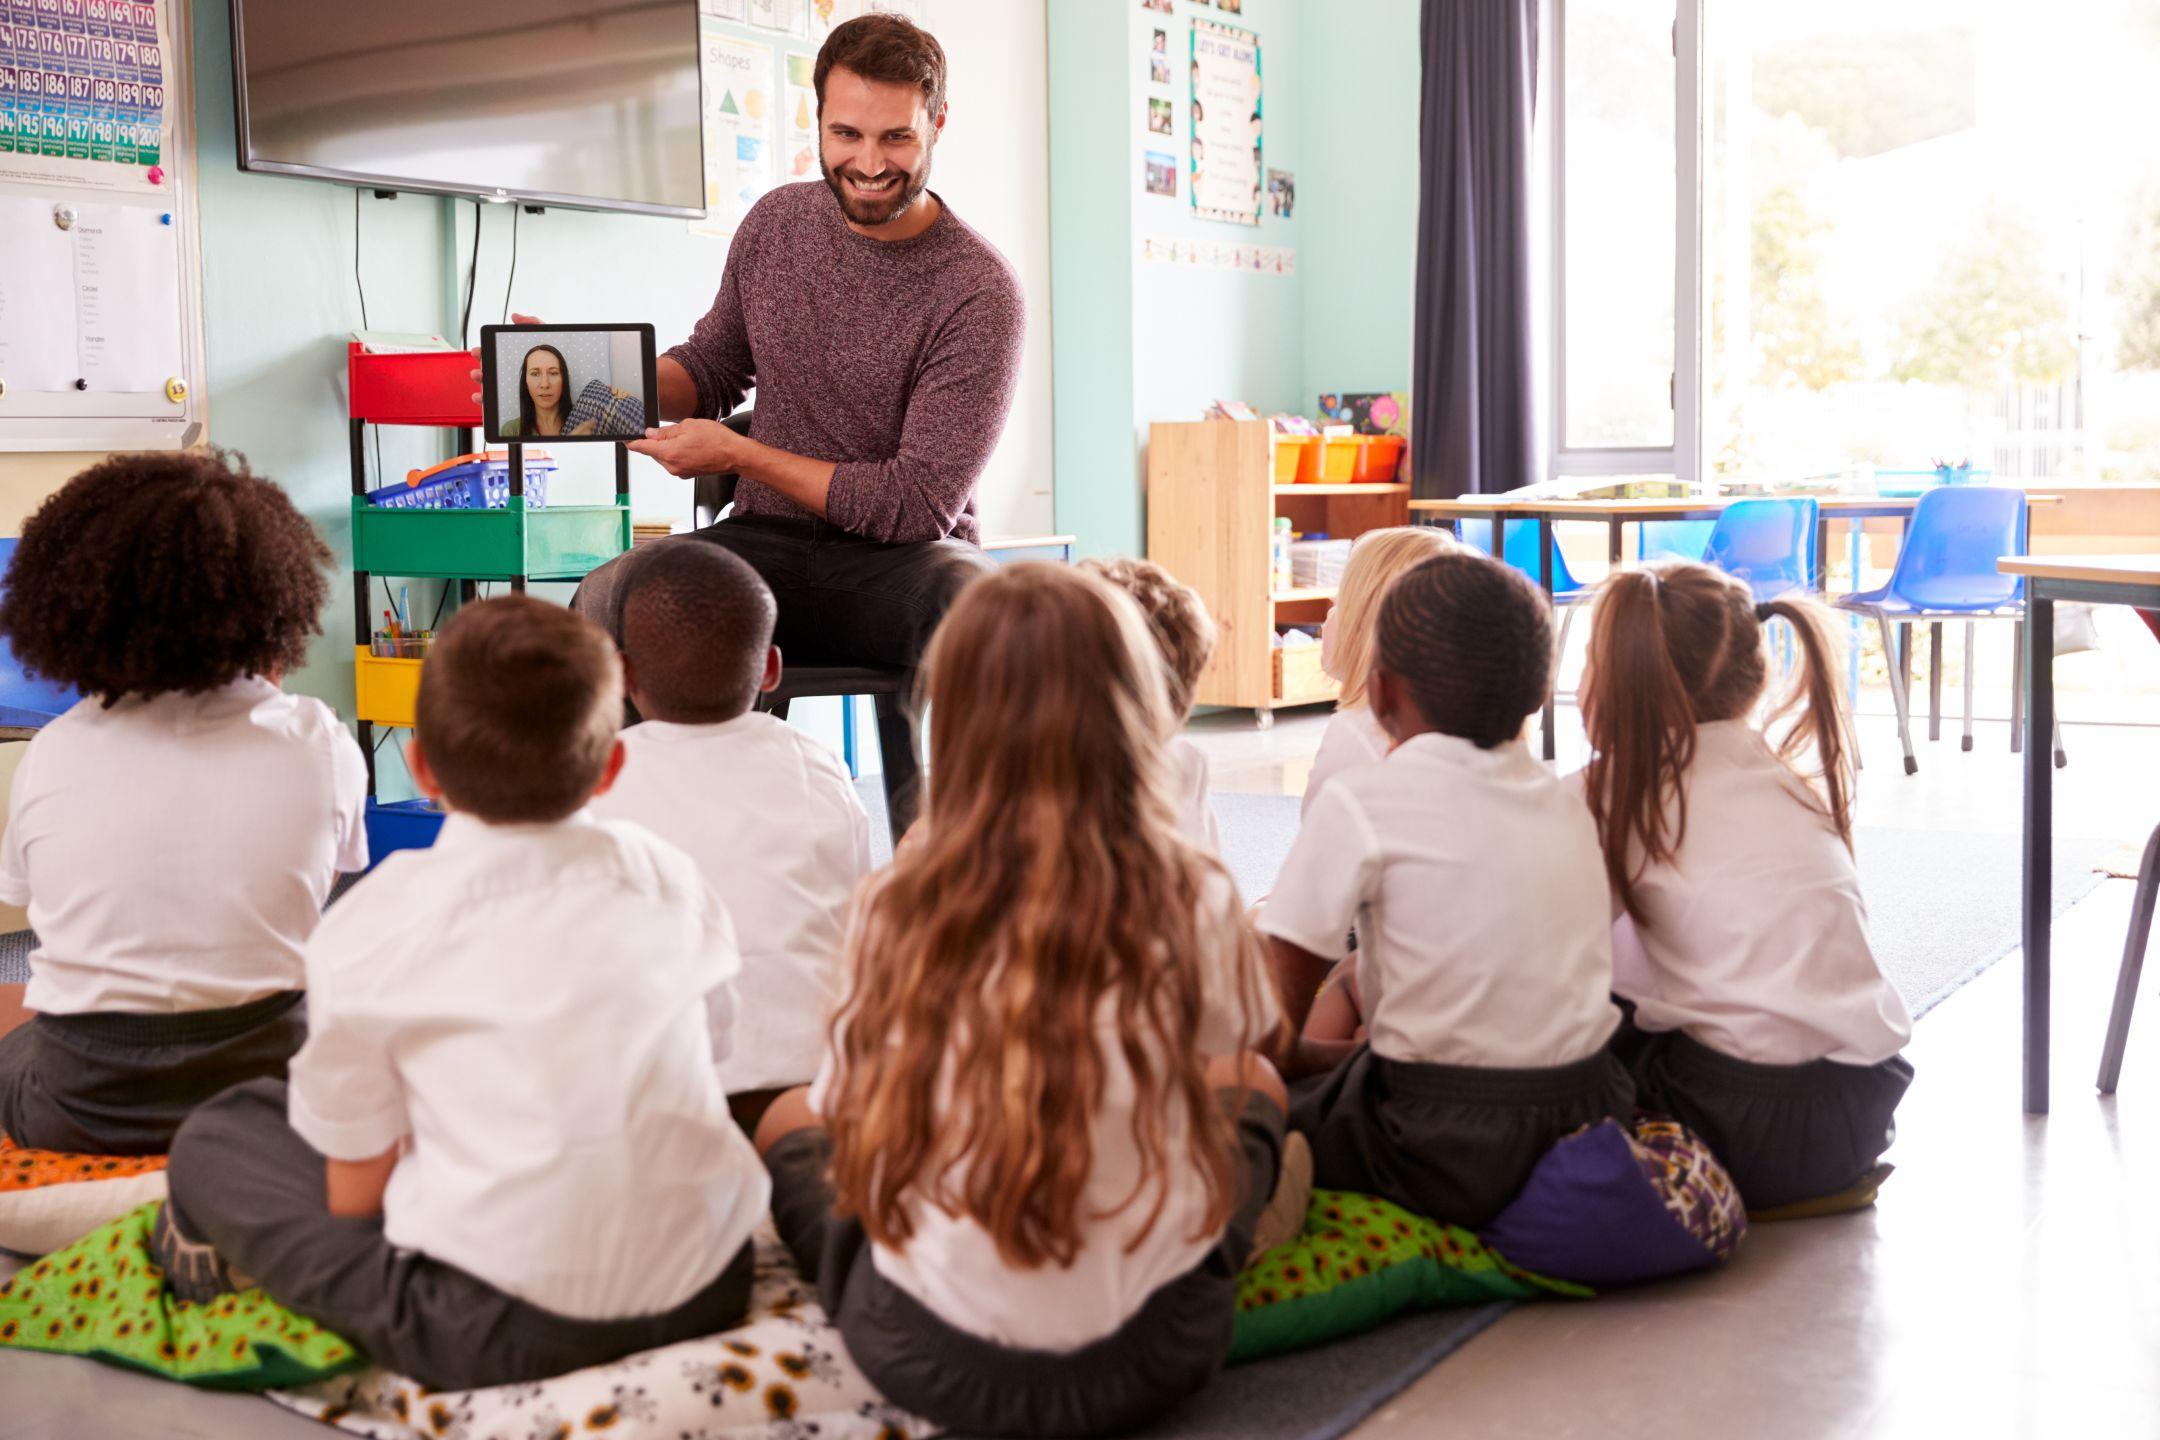 A teacher referring an Oak video to his class using a tablet.